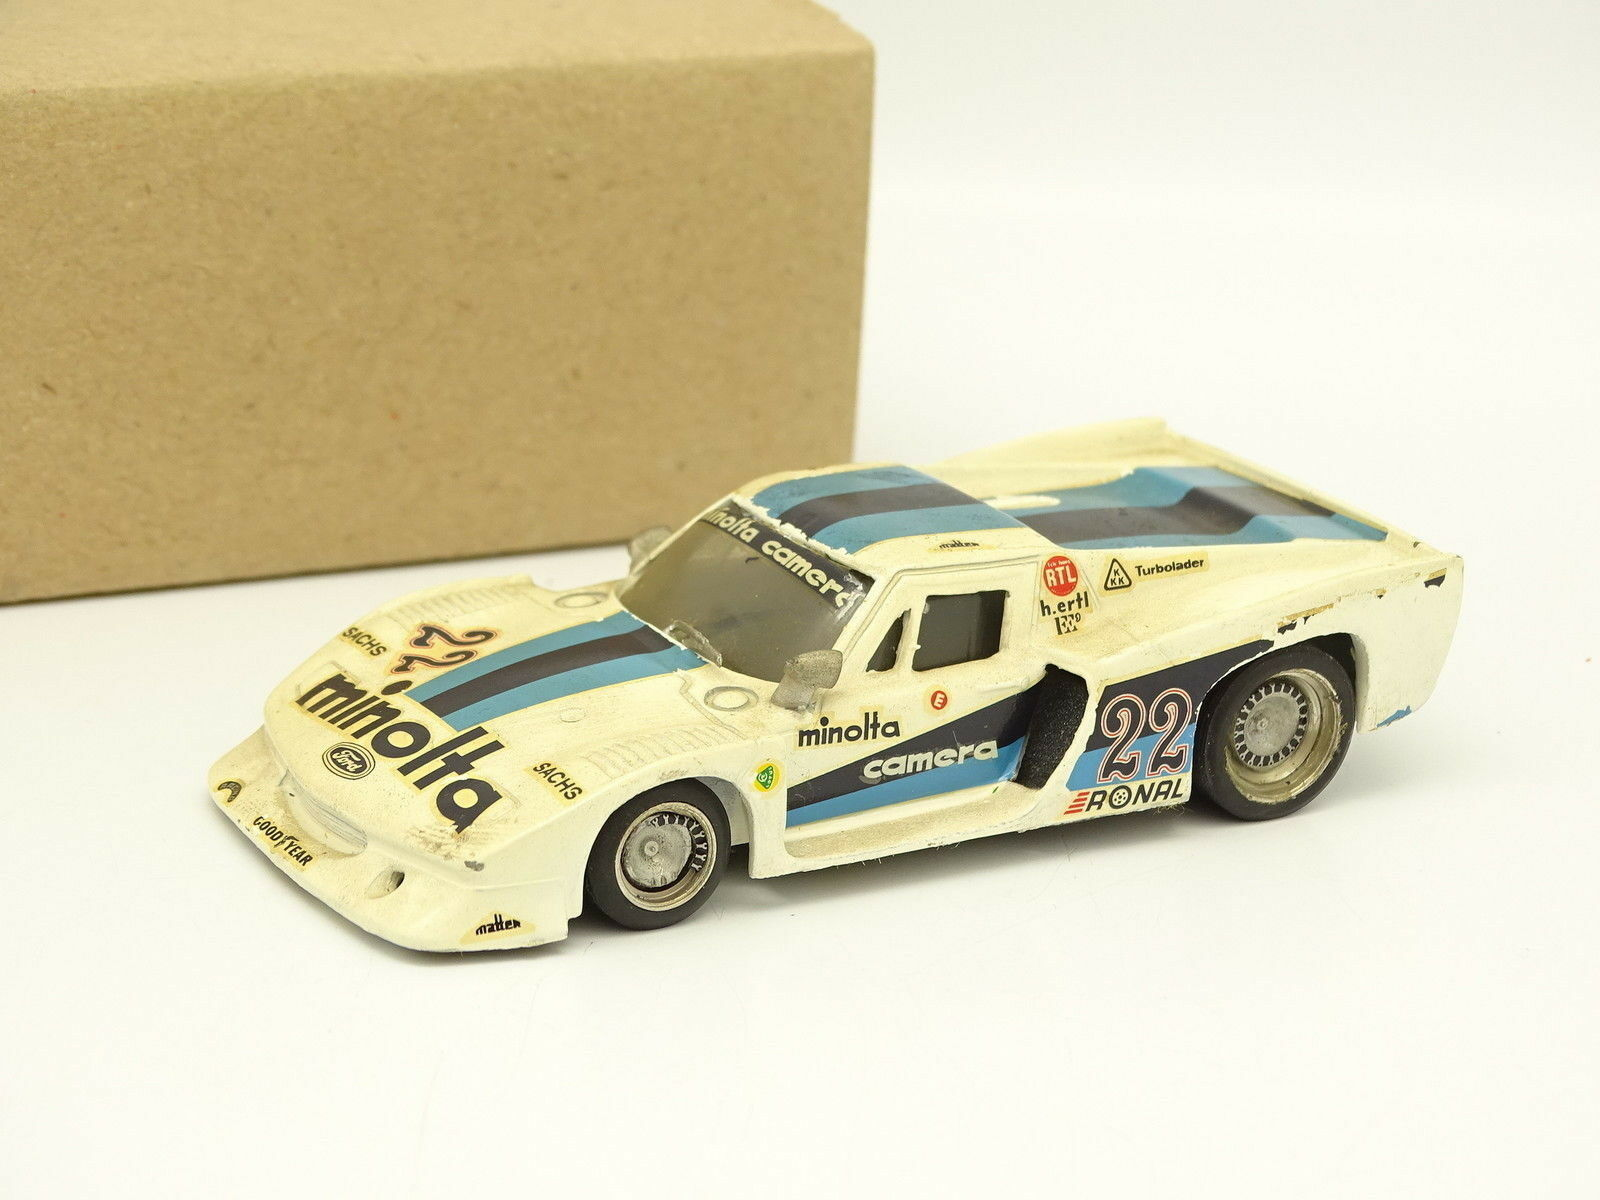 AMR Kit Assemblemed Metal 1 43 –massaus Europa Turbo Gr5 N  FRAM5533;65533; 22 Nurburgring 1979